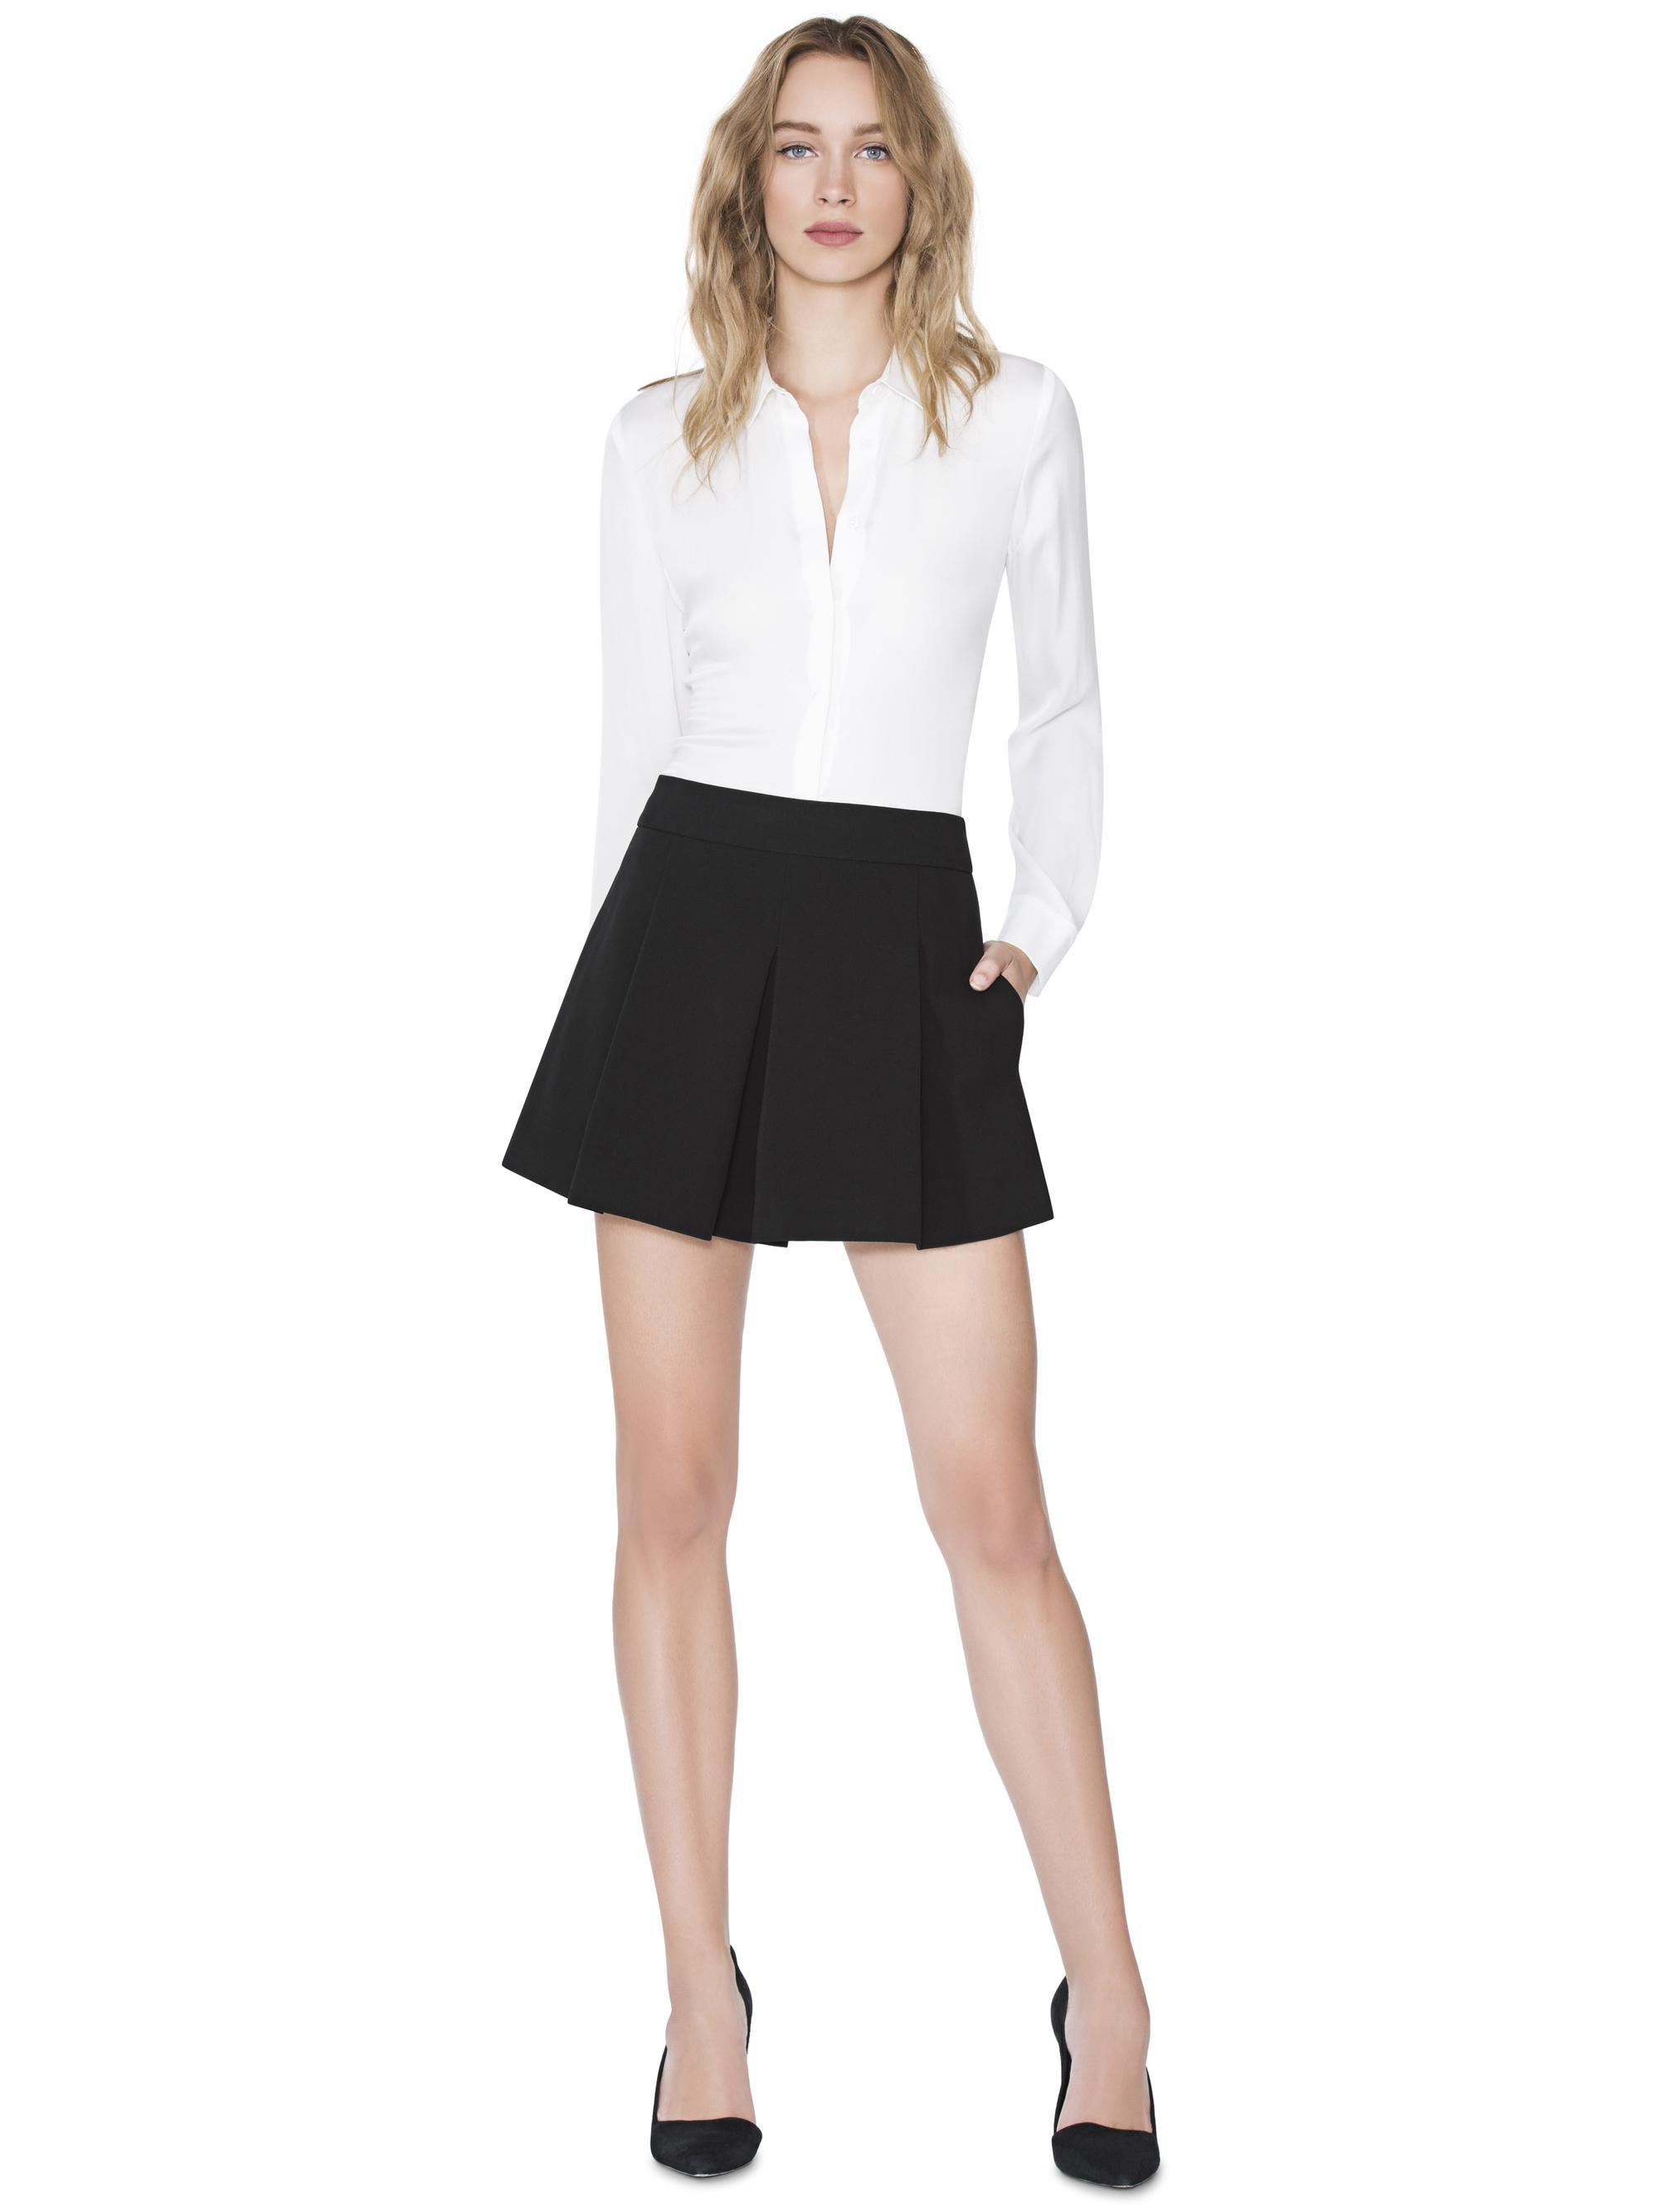 ab52e343d7055 Lyst - Alice + Olivia White Willa Small Collar Placket Top in White